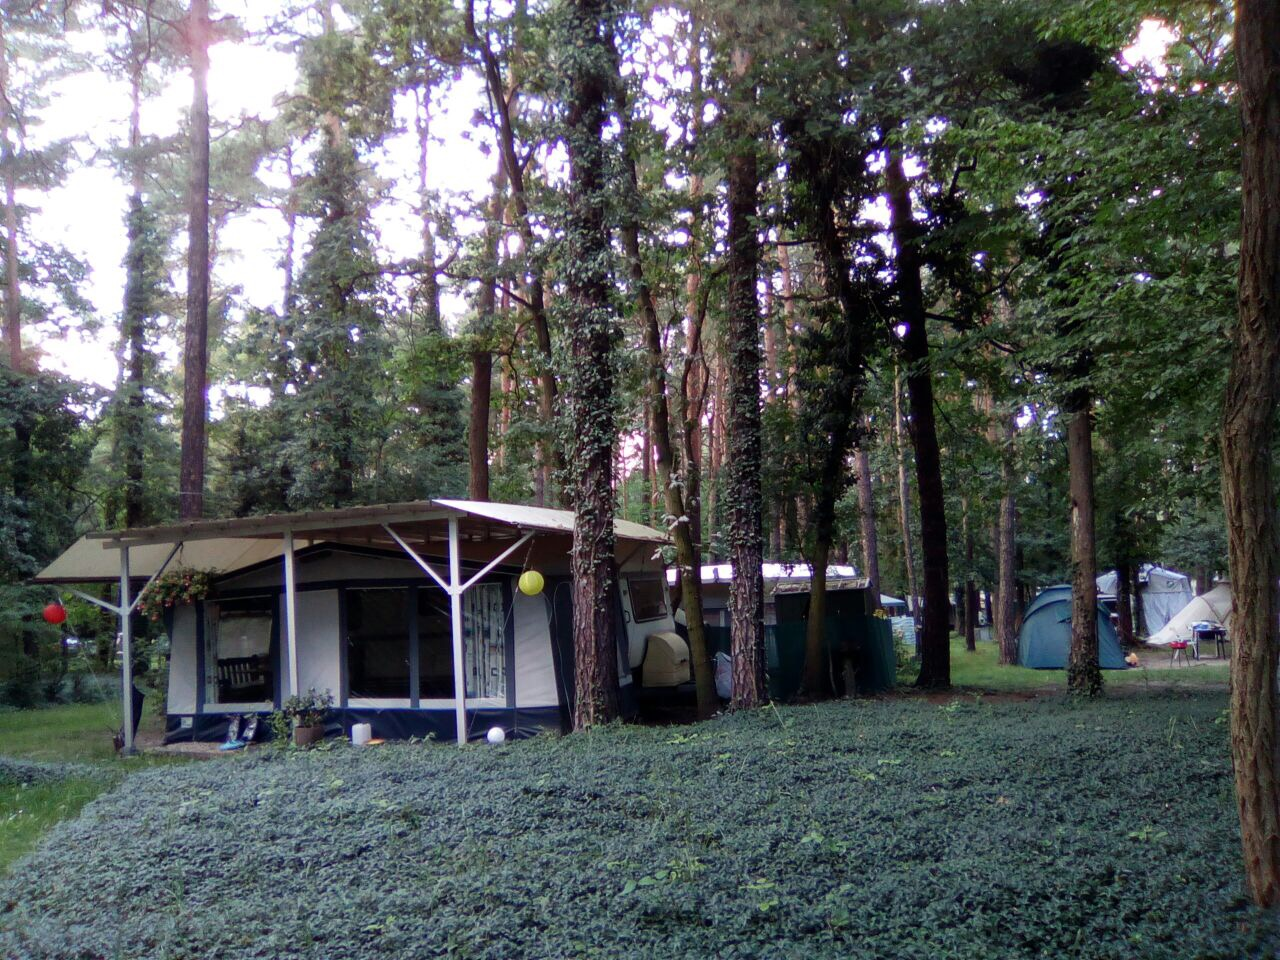 Dauercamper_Zelte_Natur_Campingplatz